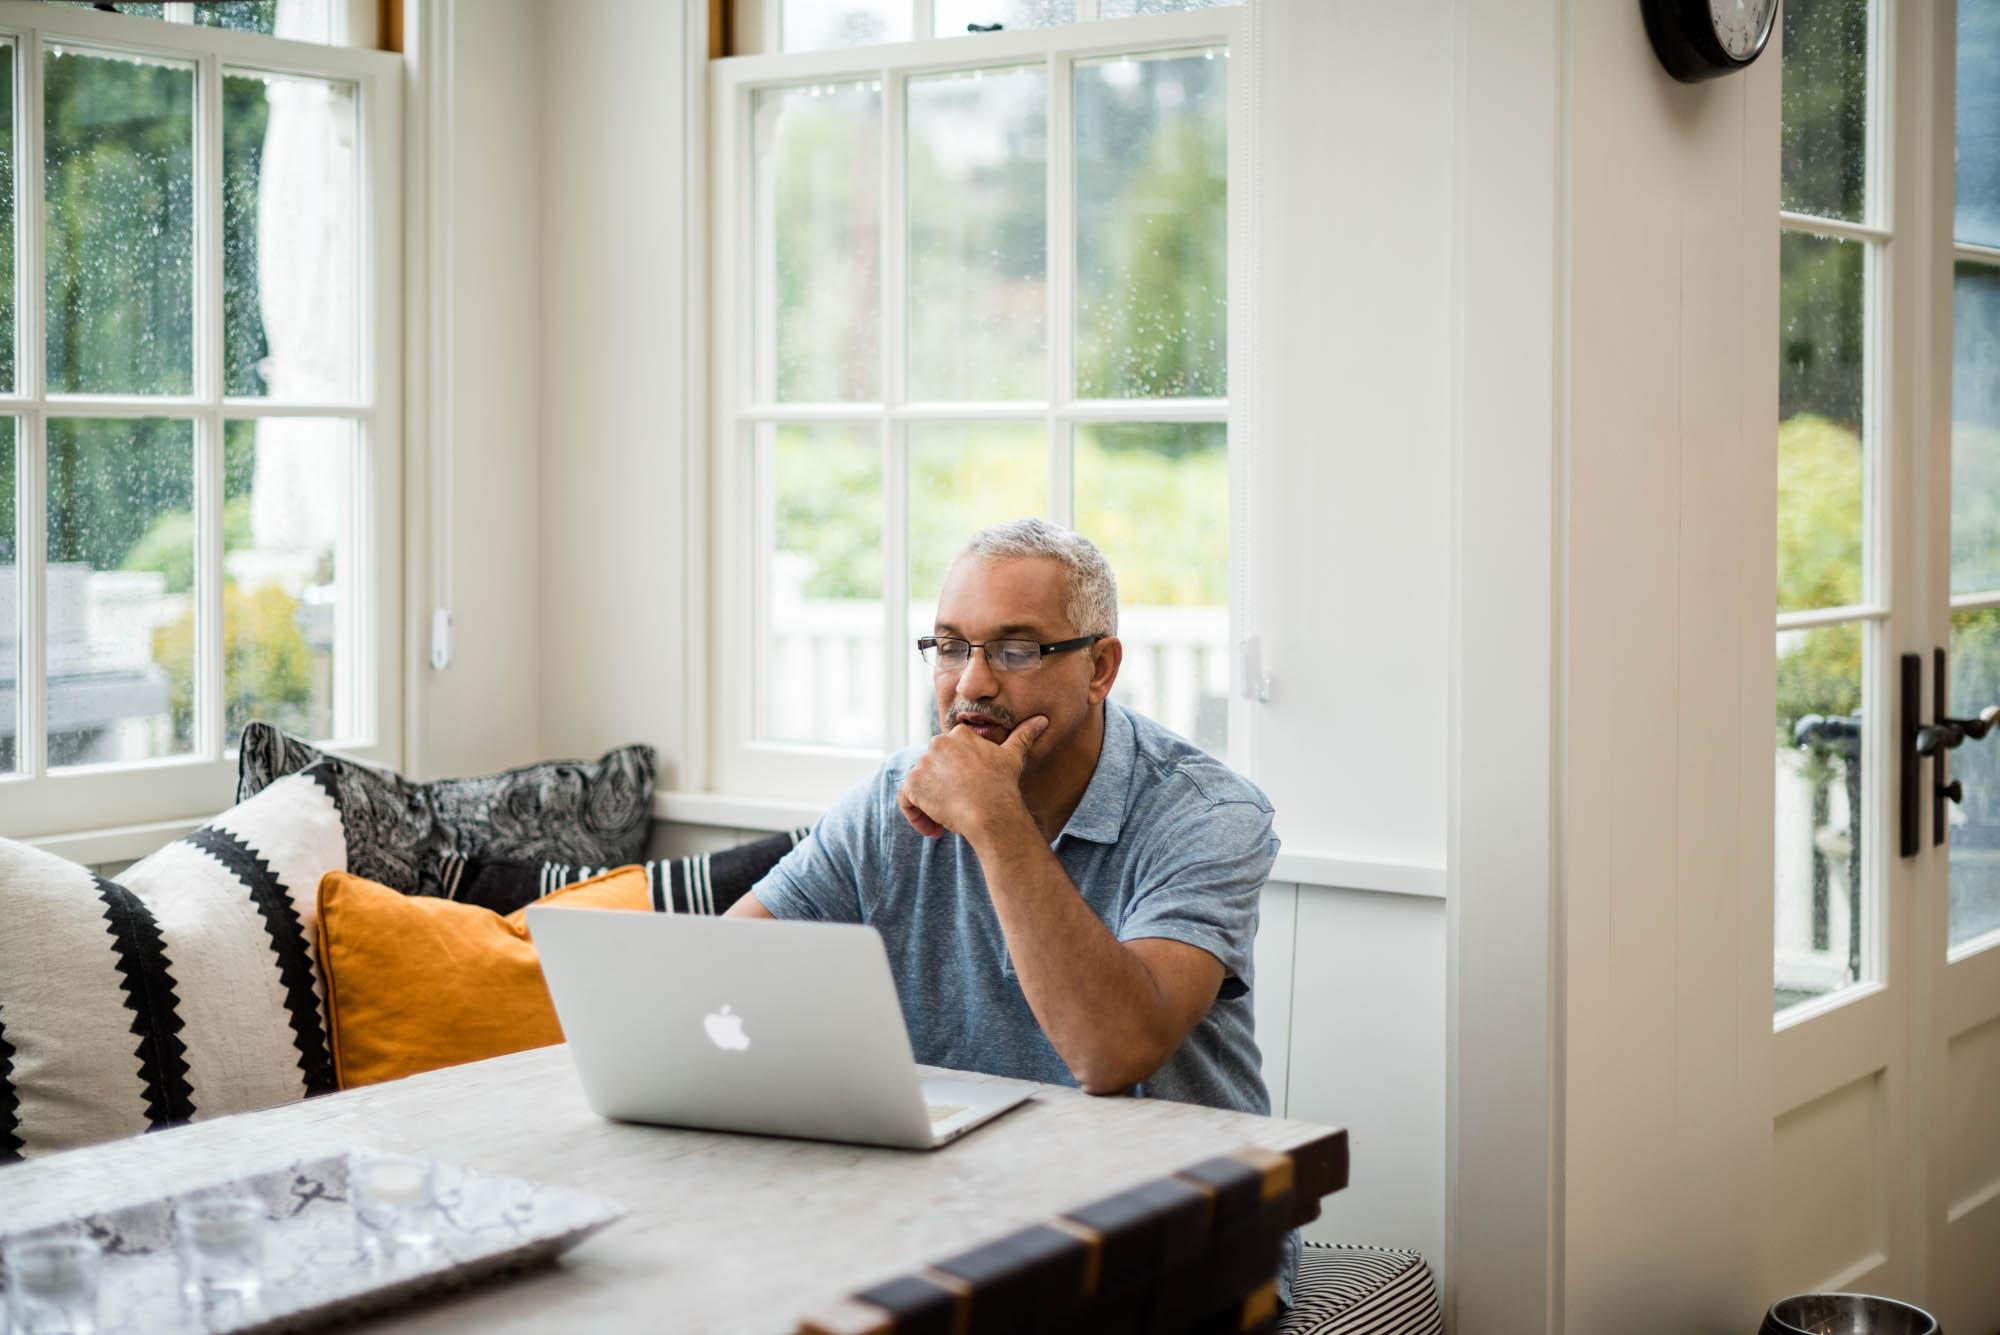 Old-man-on-laptop-Jordan-Reeder.jpg